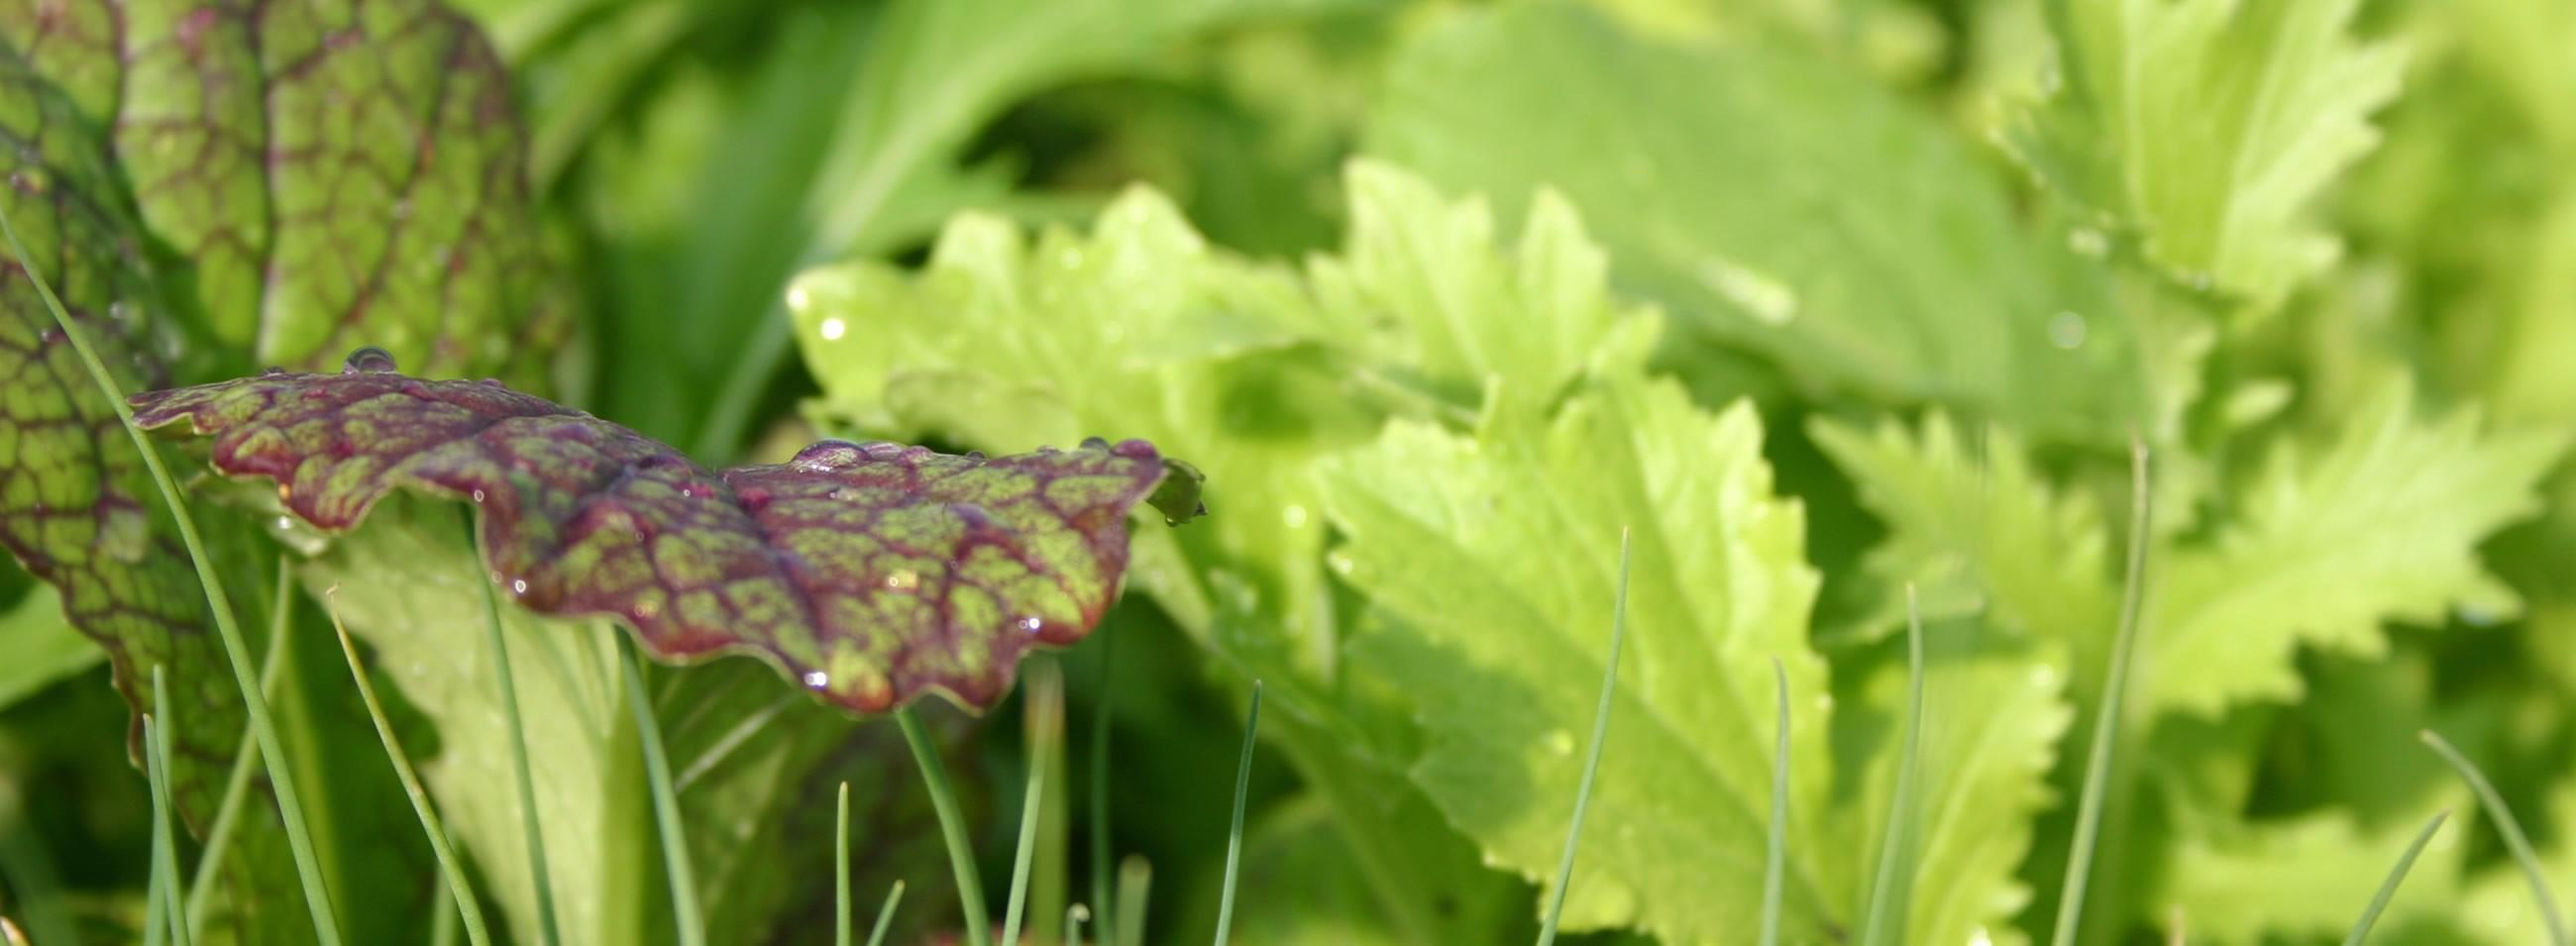 leaves fp